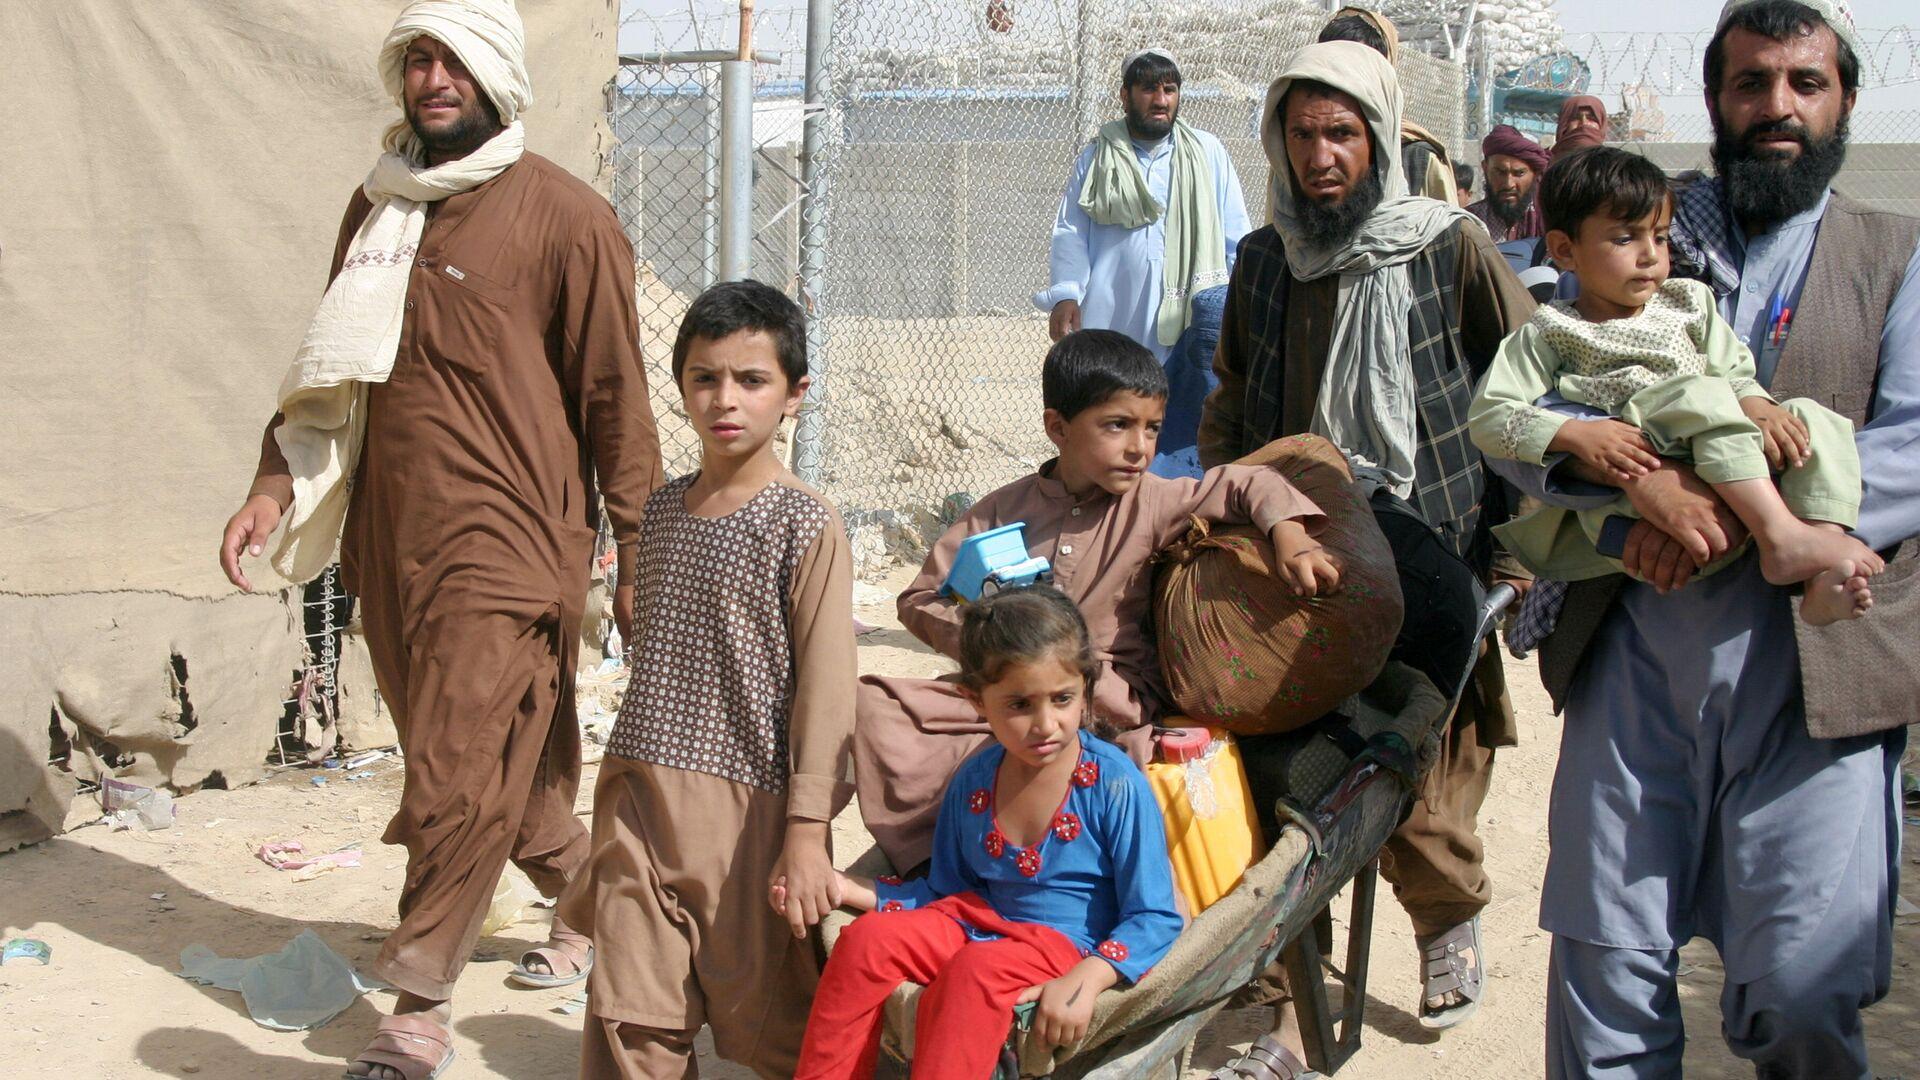 Семья из Афганистана на контрольно-пропускном пункте Ворота дружбы в пакистано-афганском пограничном городе Чаман, Пакистан - Sputnik Узбекистан, 1920, 22.09.2021